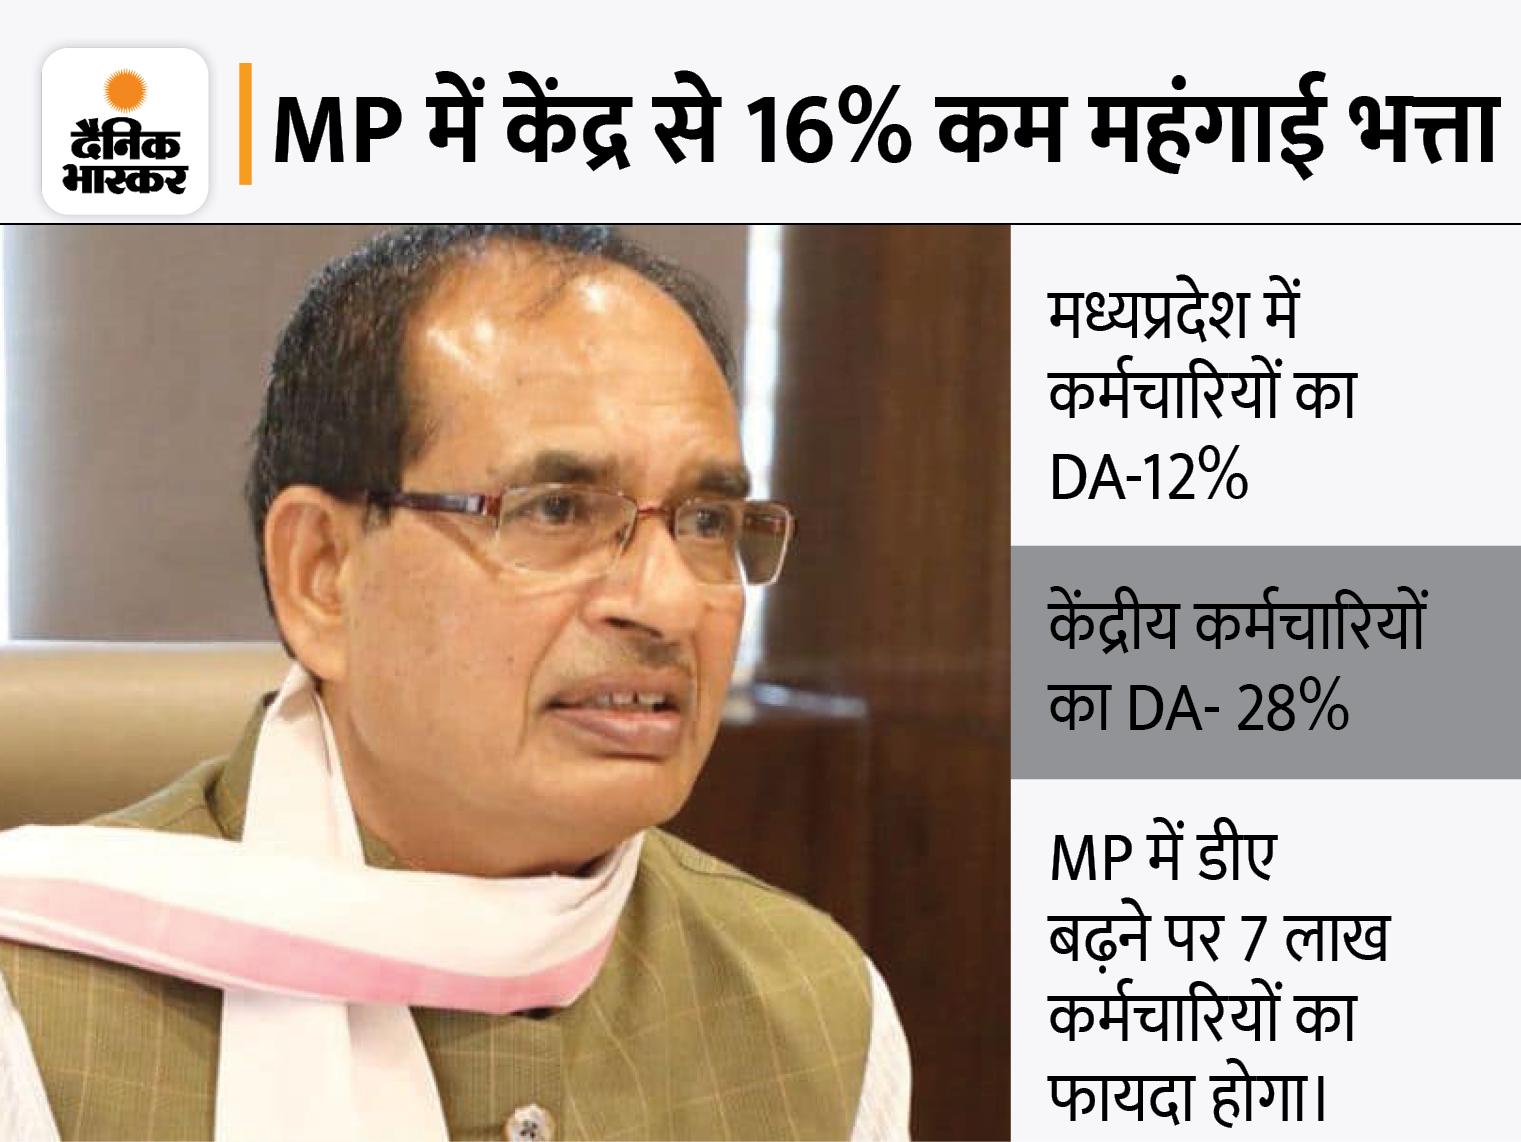 कर्मचारियों-पेंशनरों का महंगाई और राहत भत्ता बढ़ाने की तैयारी; वित्त विभाग ने CMO भेजा प्रस्ताव, 350 करोड़ का अतिरिक्त भार आएगा|मध्य प्रदेश,Madhya Pradesh - Dainik Bhaskar